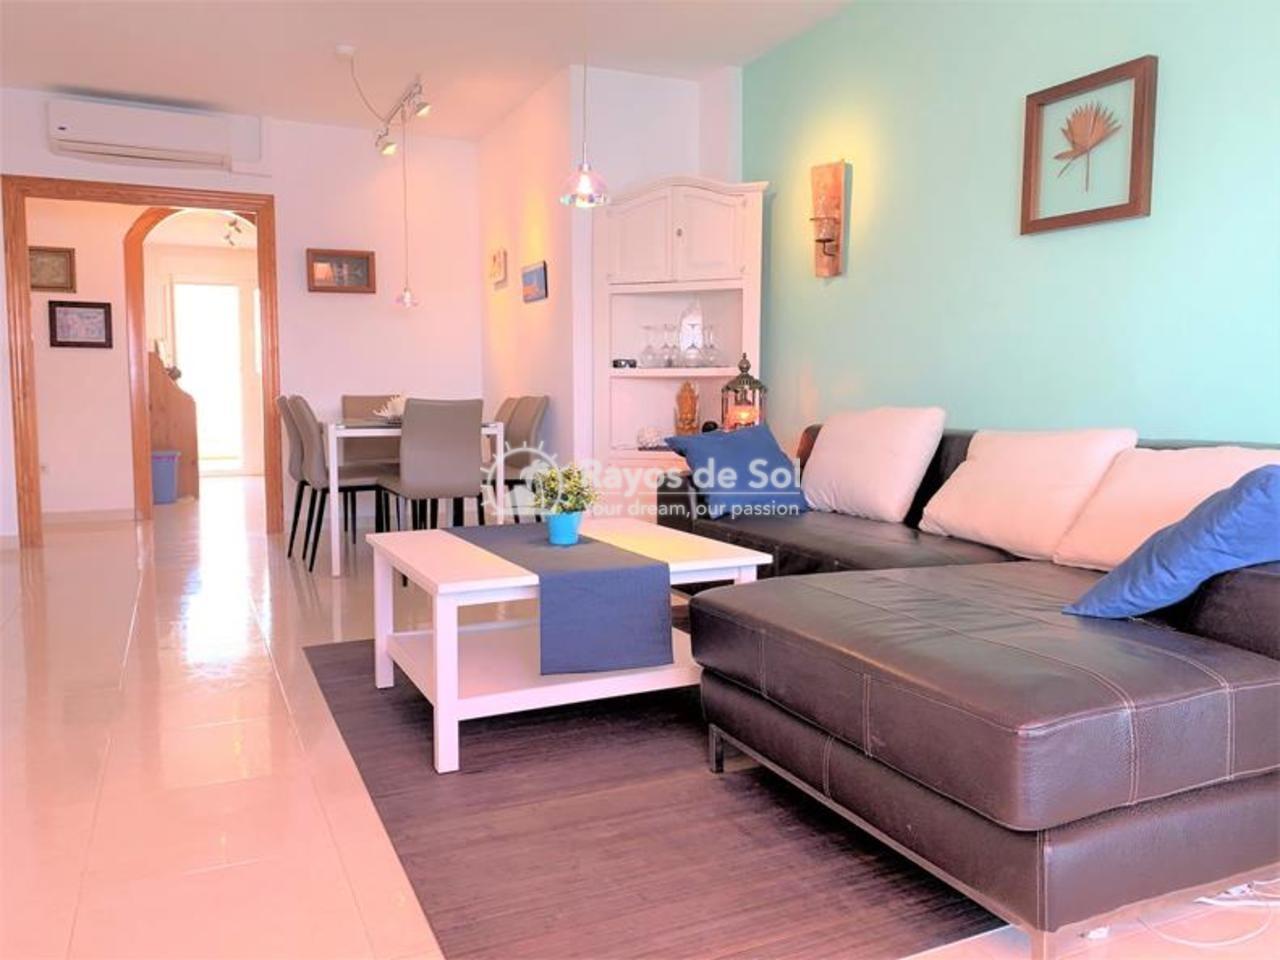 Apartment  in La Manga del Mar Menor, Costa Cálida (561332svm) - 13